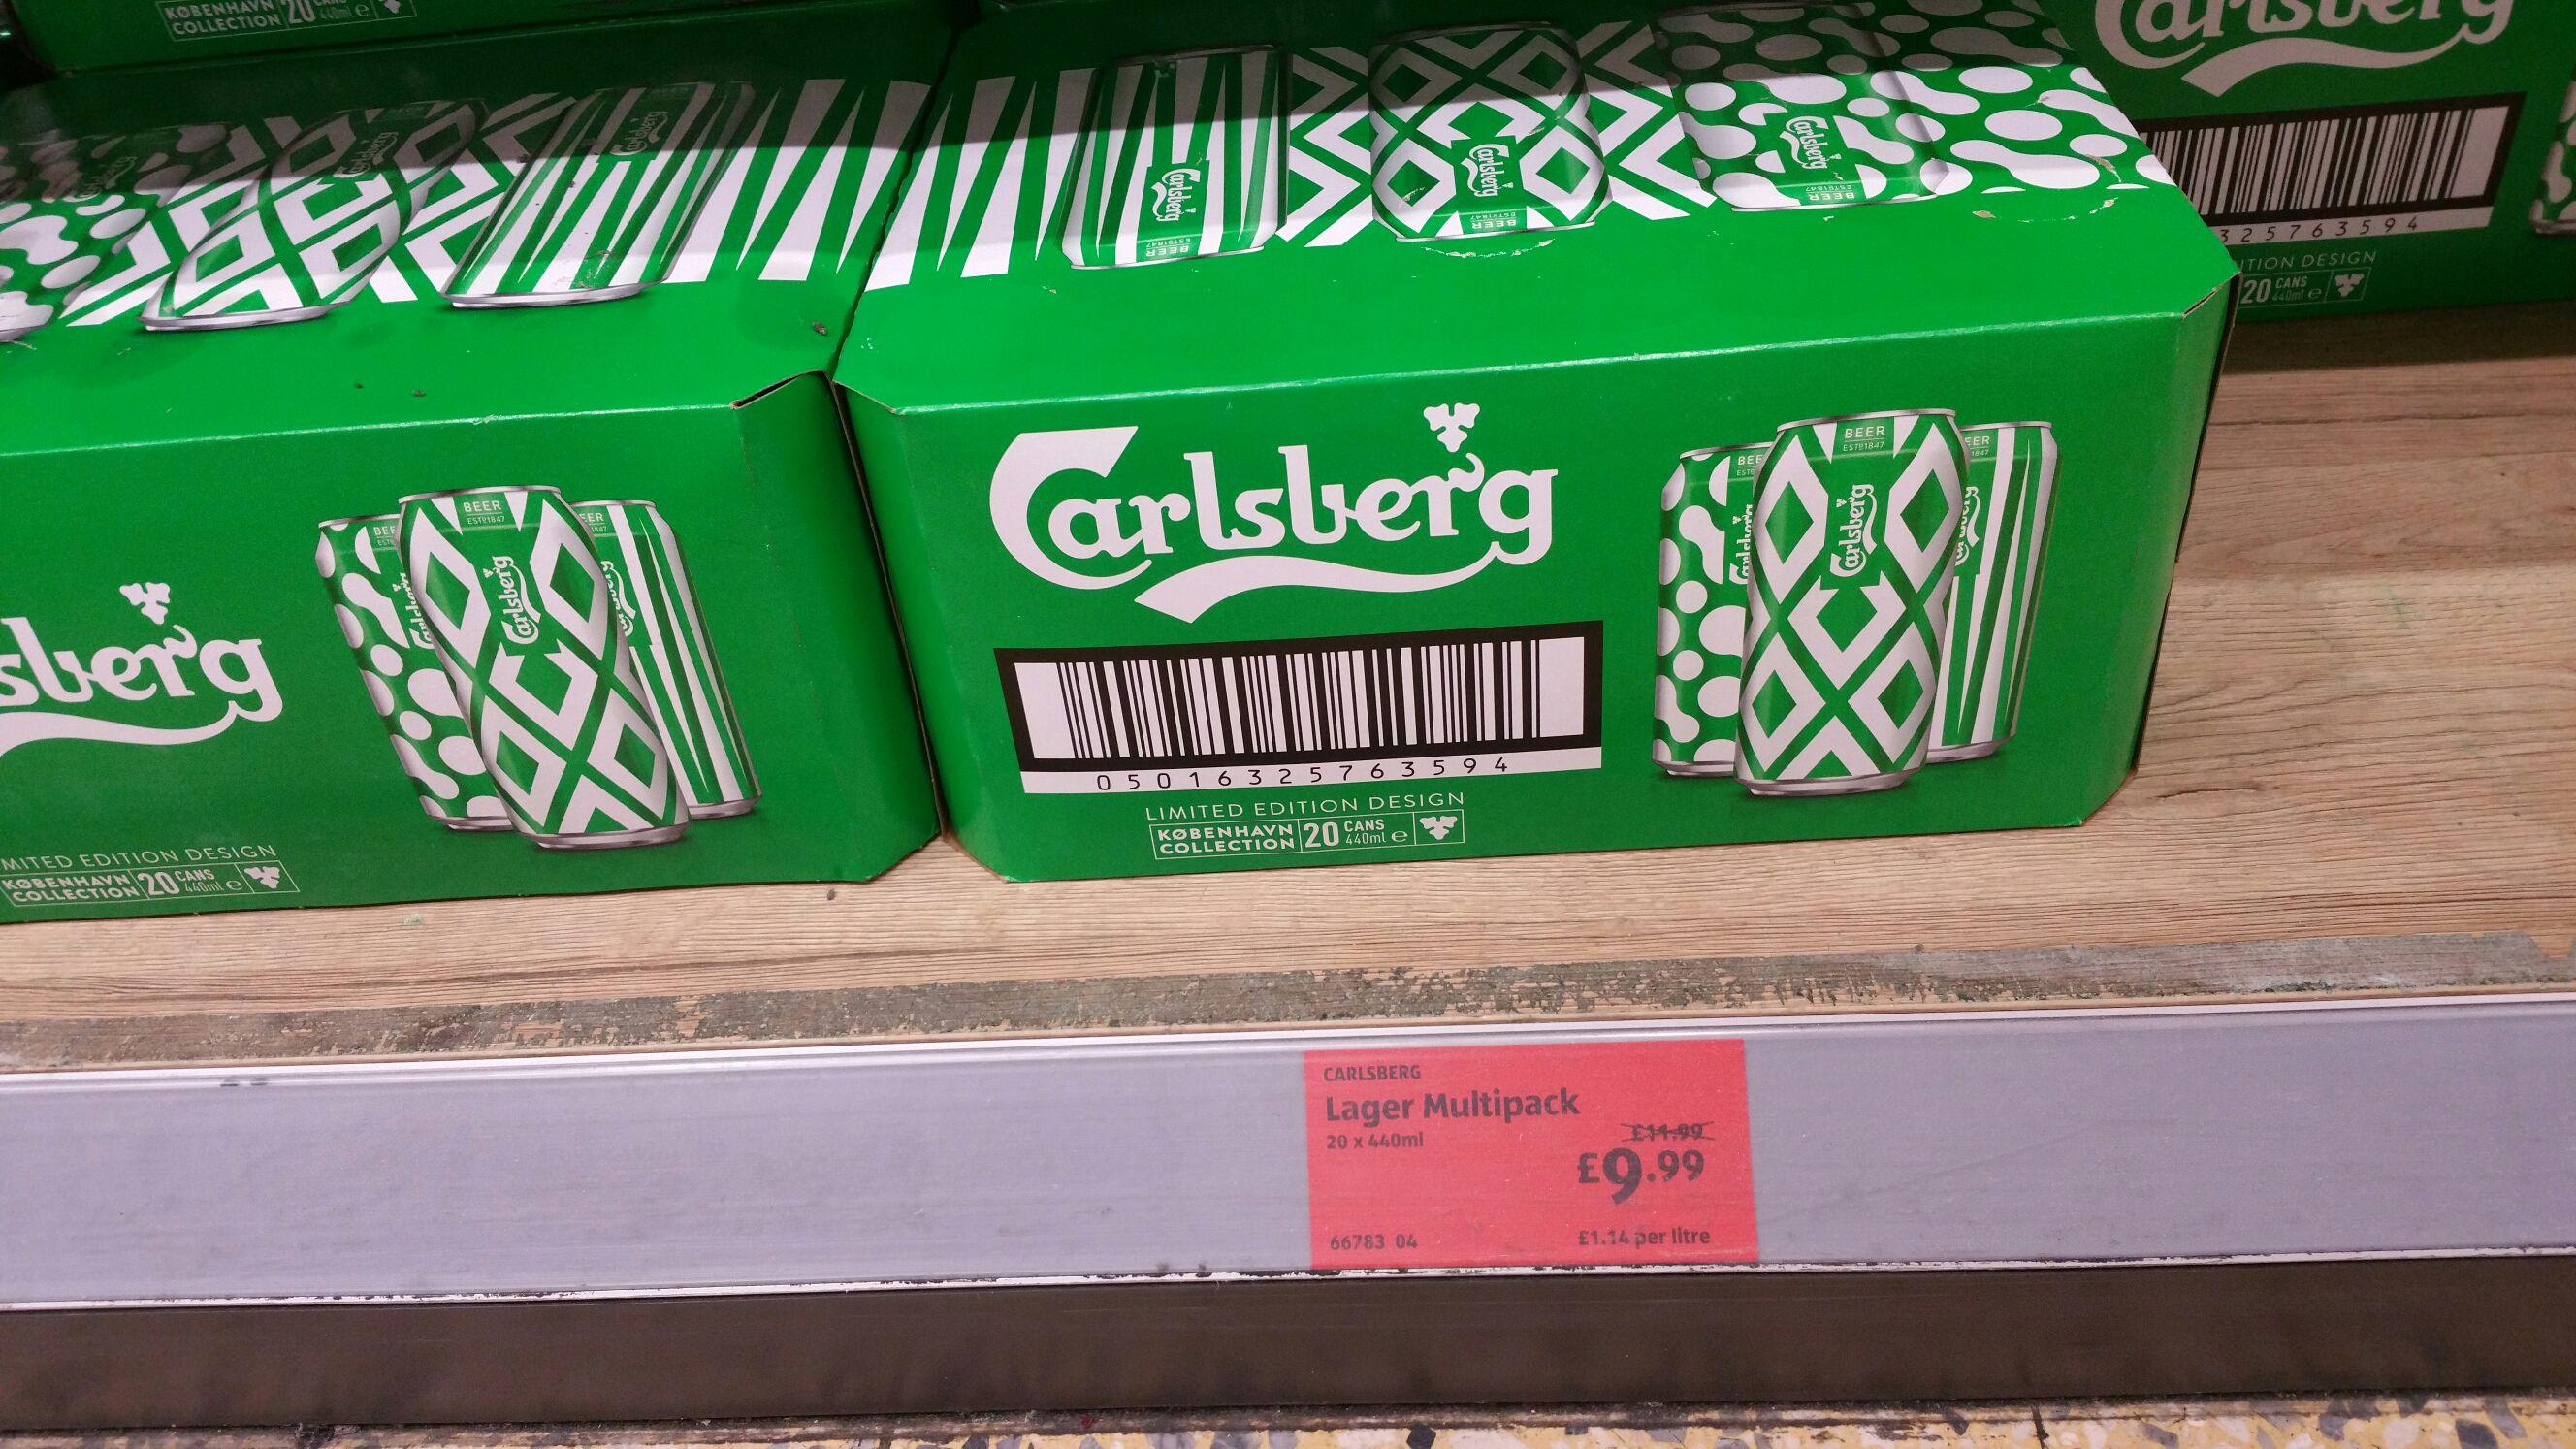 Carlsberg 20 x 440ml £9.99 at Aldi